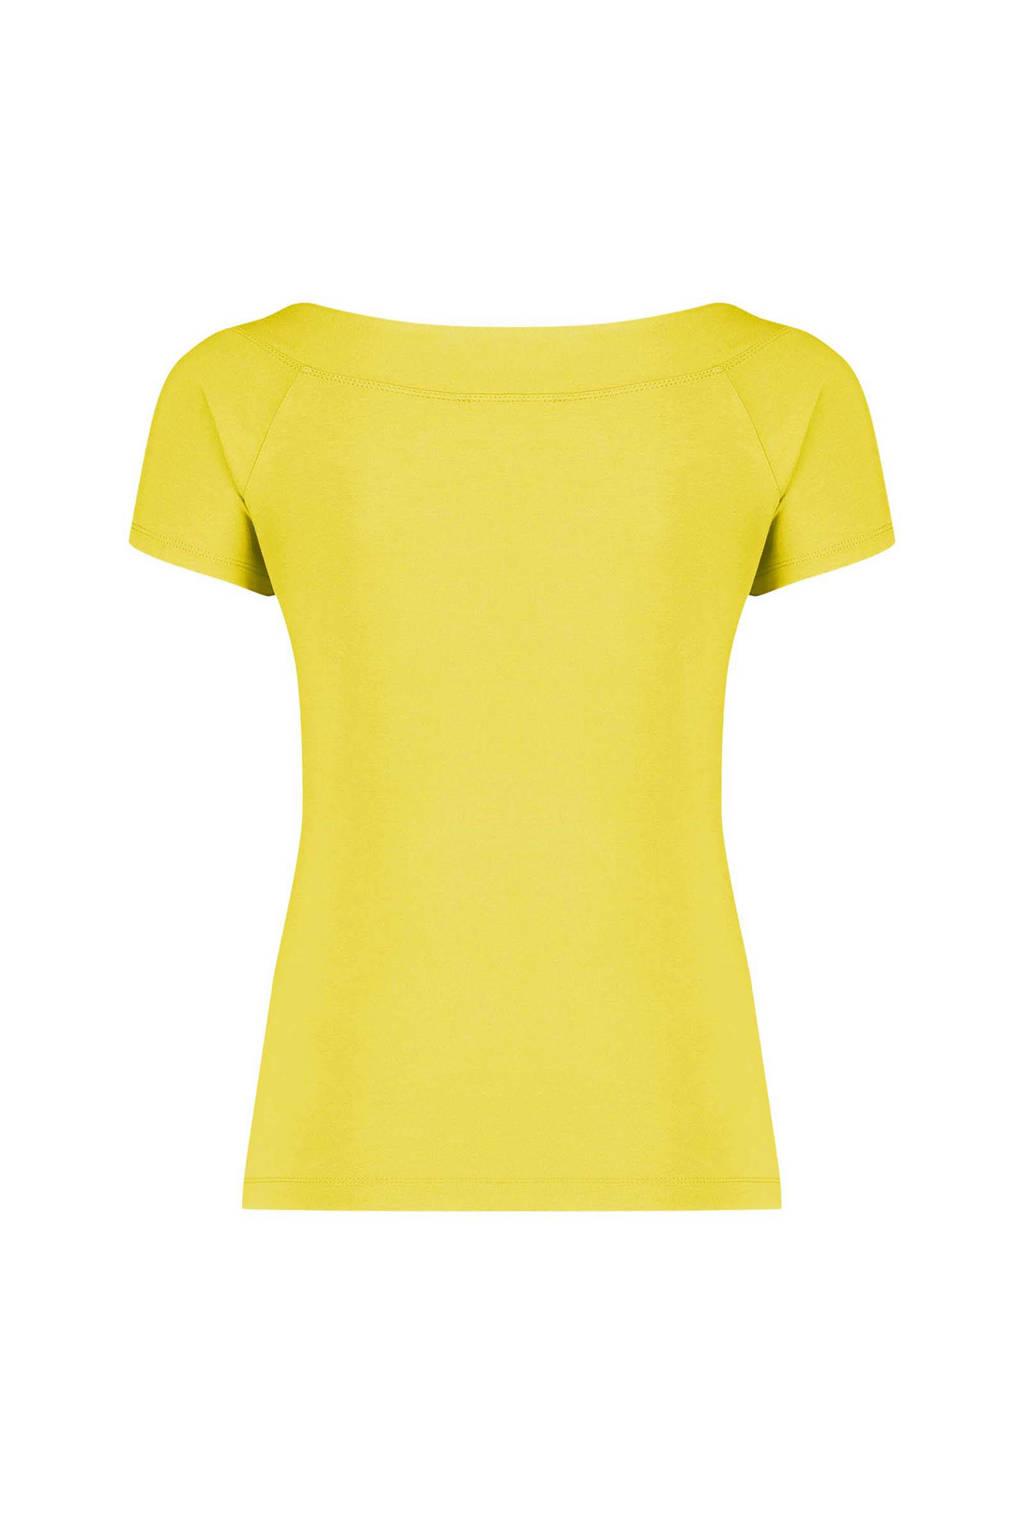 Claudia Sträter top geel, Geel